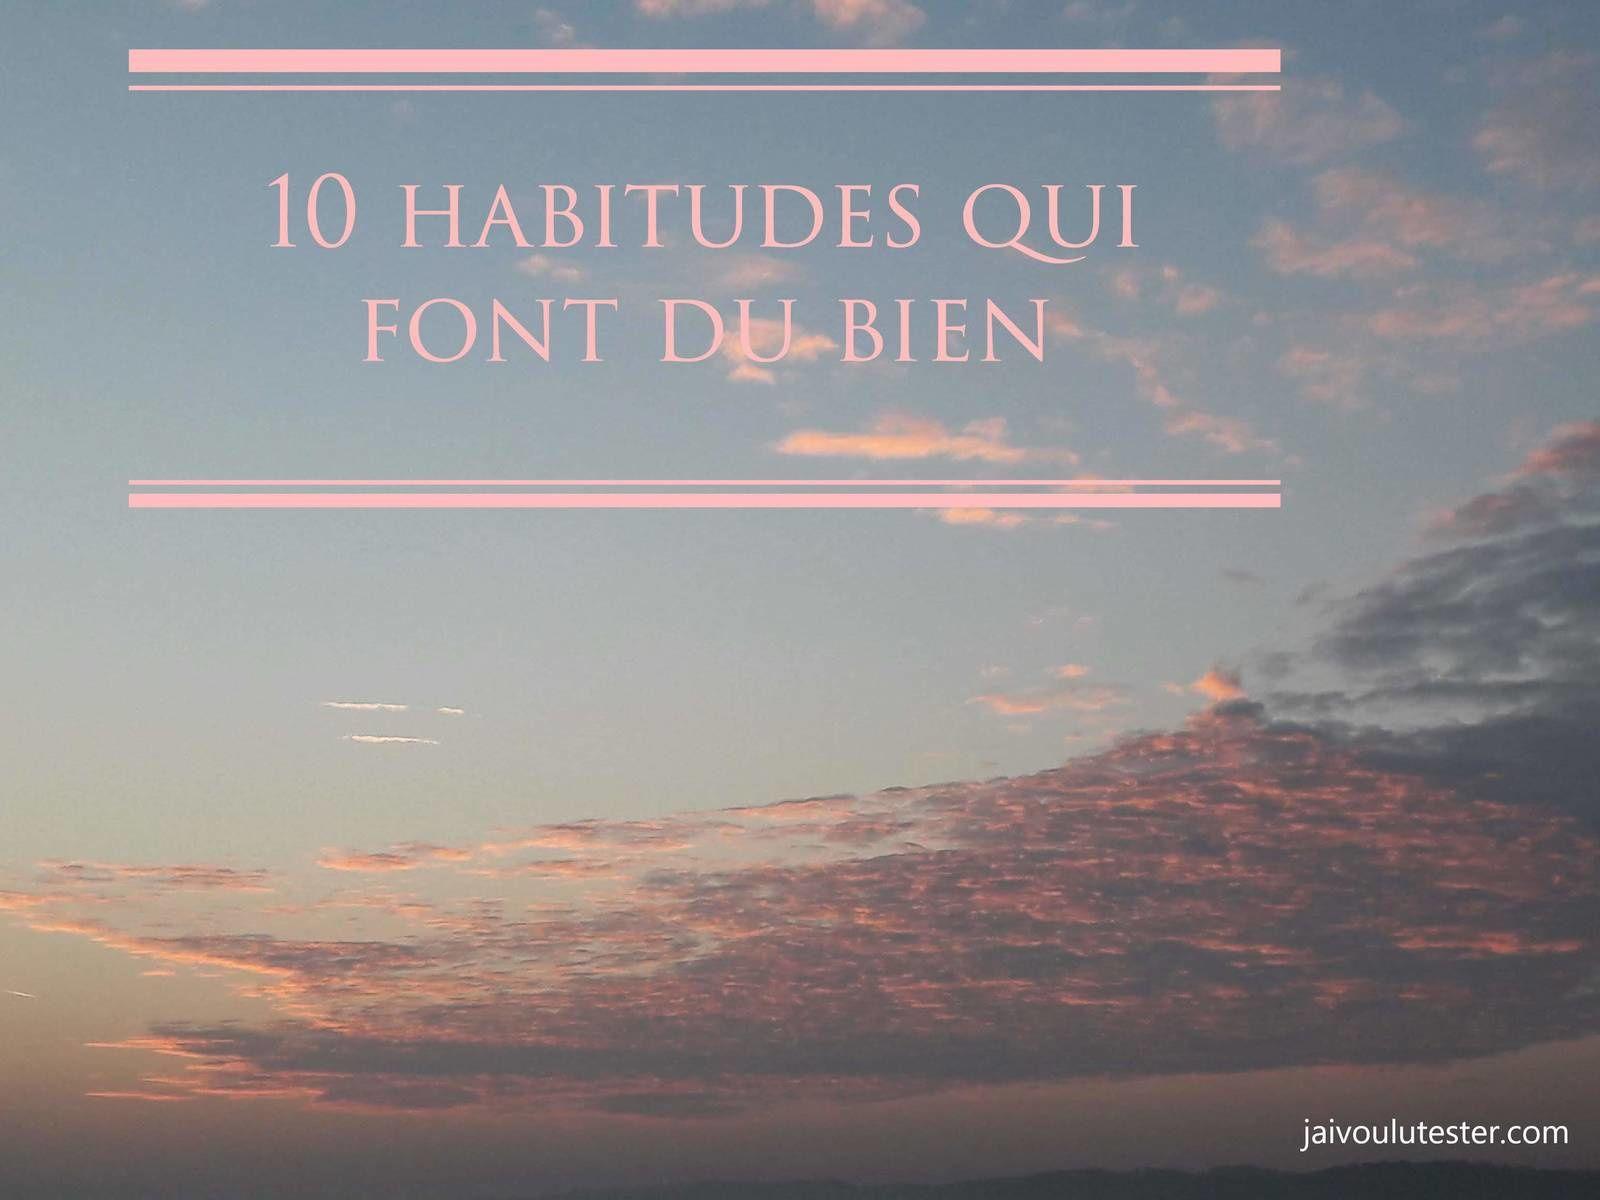 ... mes 10 habitudes qui font du bien